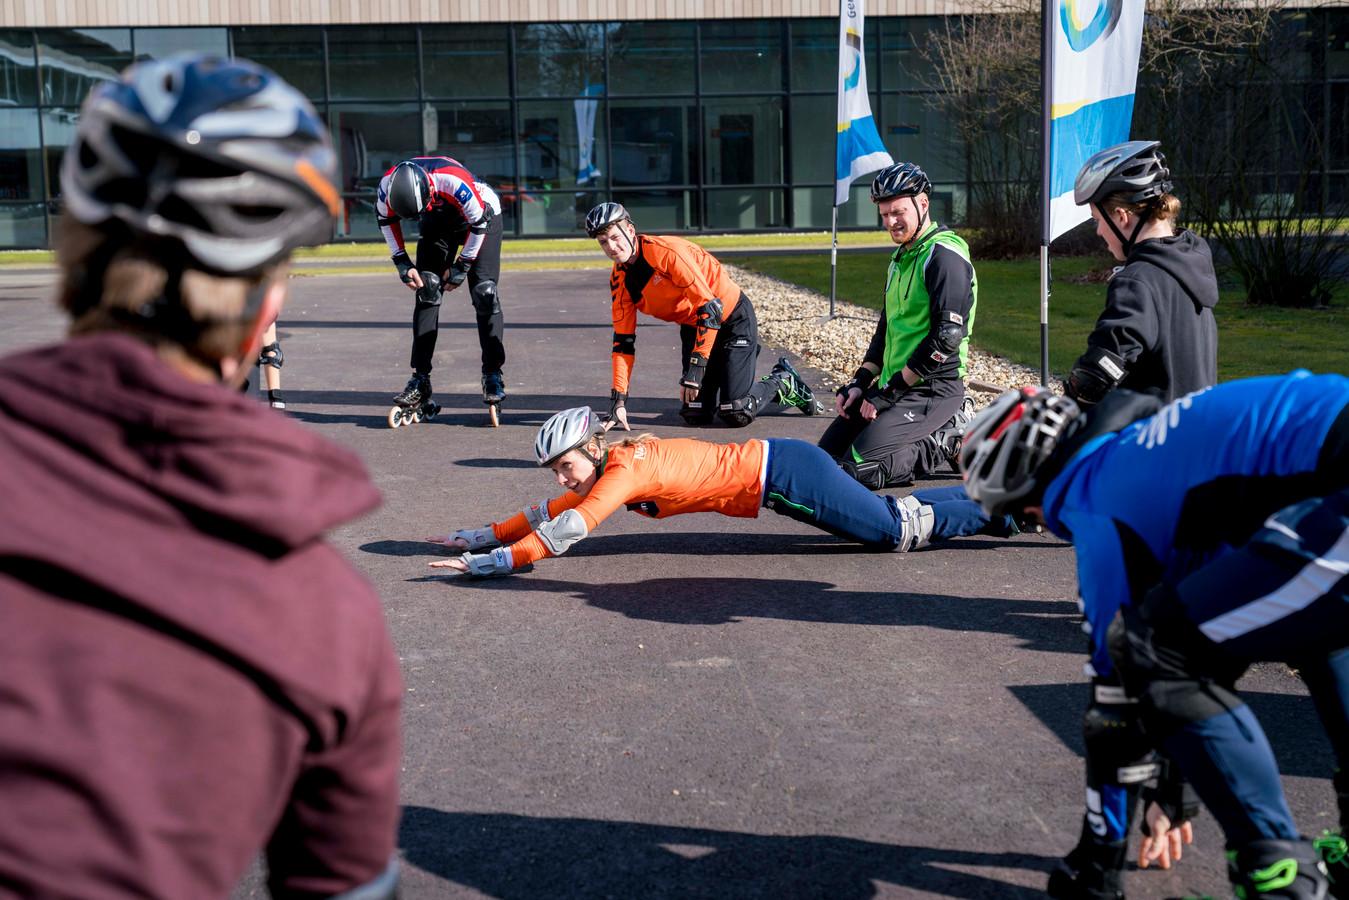 Oud-schaatster Annamarie Thomas gaf in maart een workshop inline skaten bij de introductie van het bomvolle sportjaar dat Arnhem als European City of Sports dit jaar beleeft.